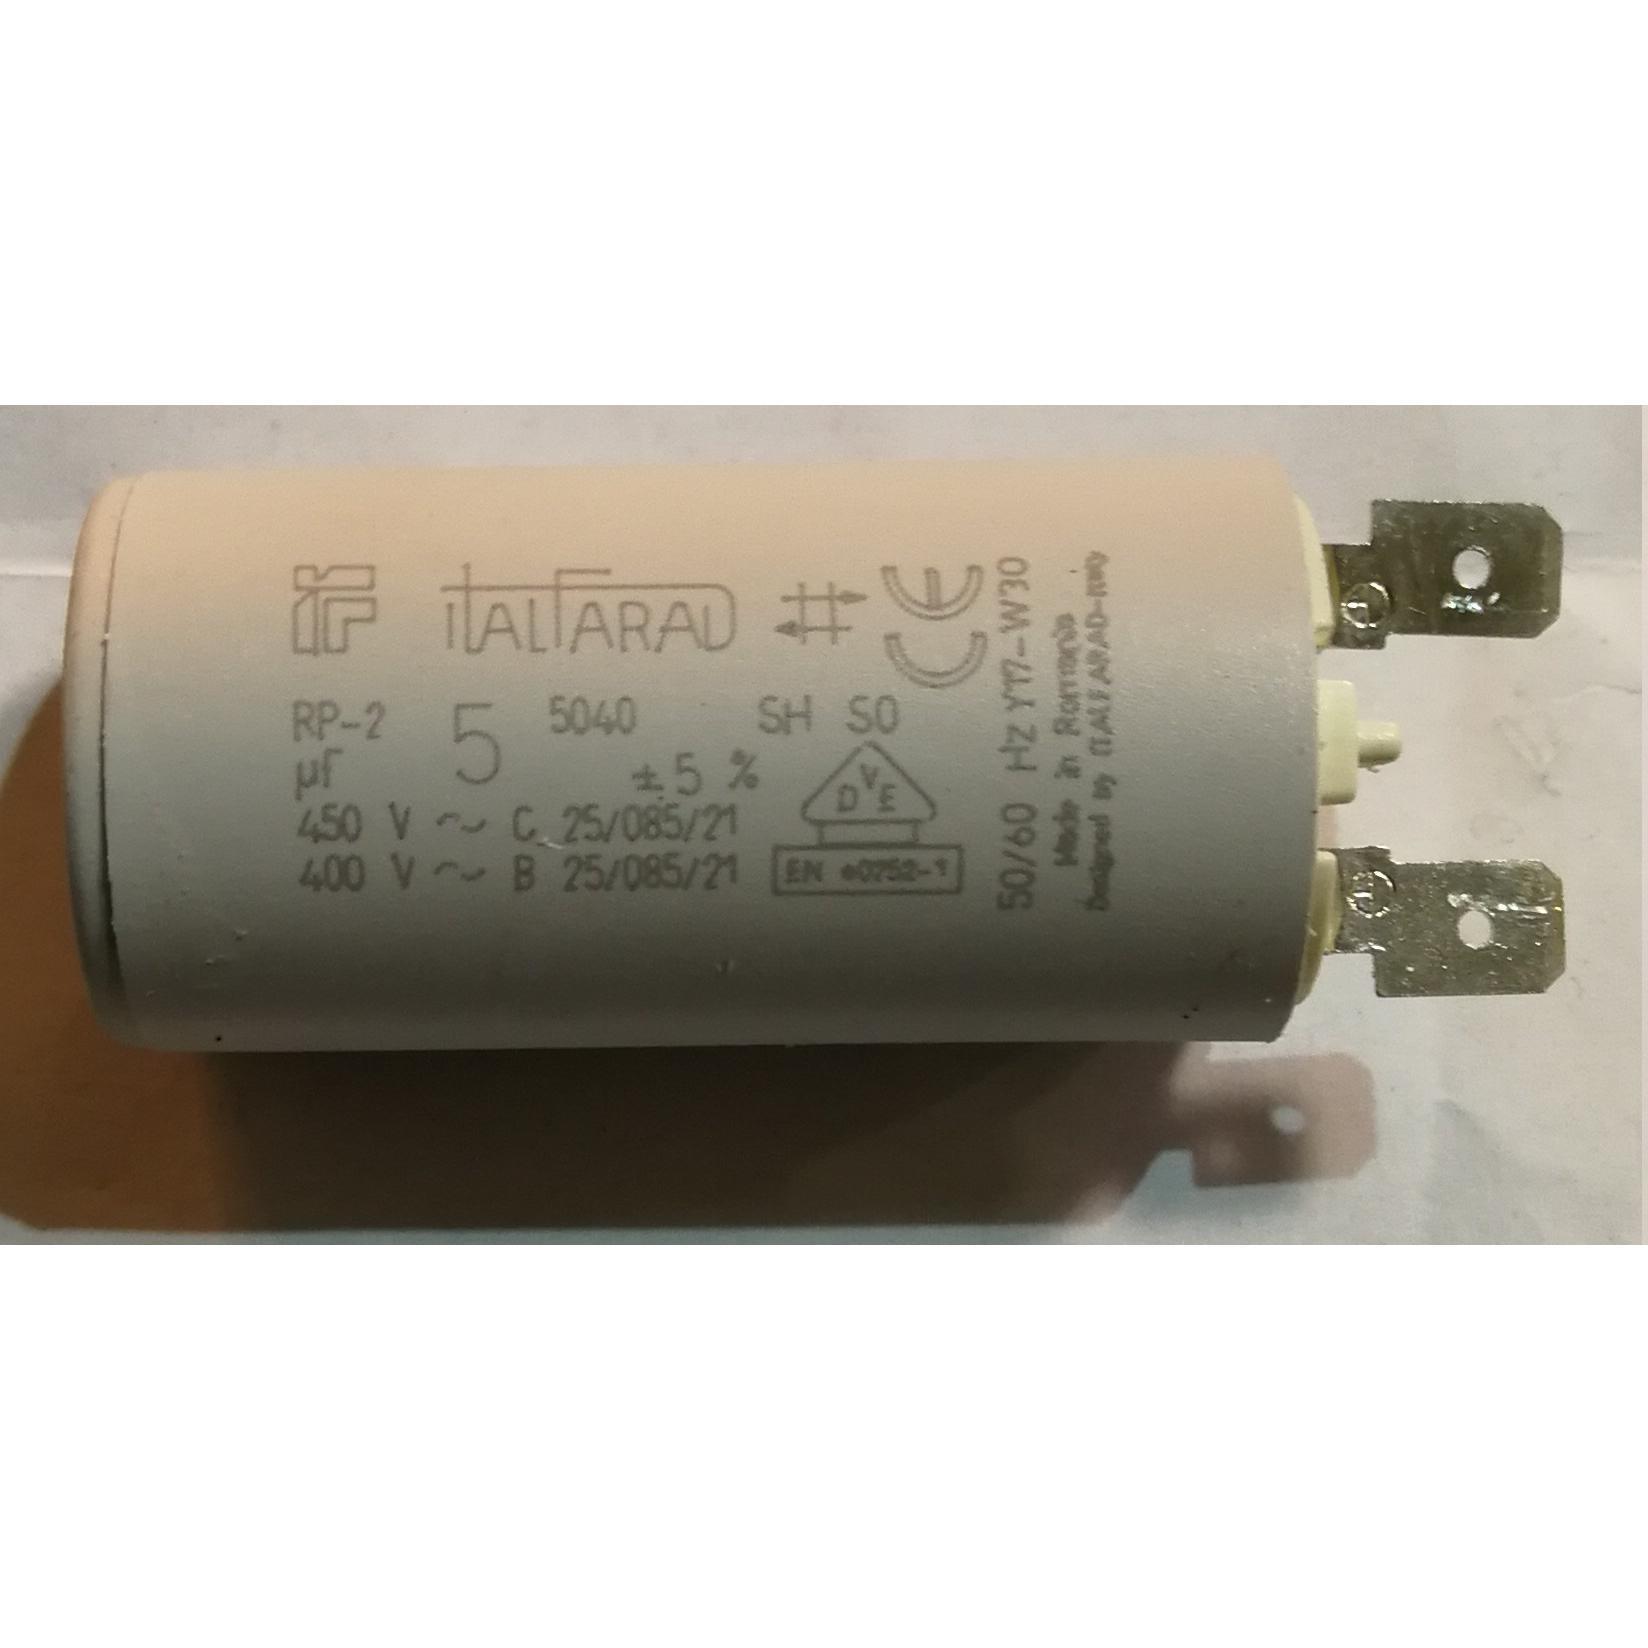 Condensatore elettrodomestici vari 5 μF ITALFARAD